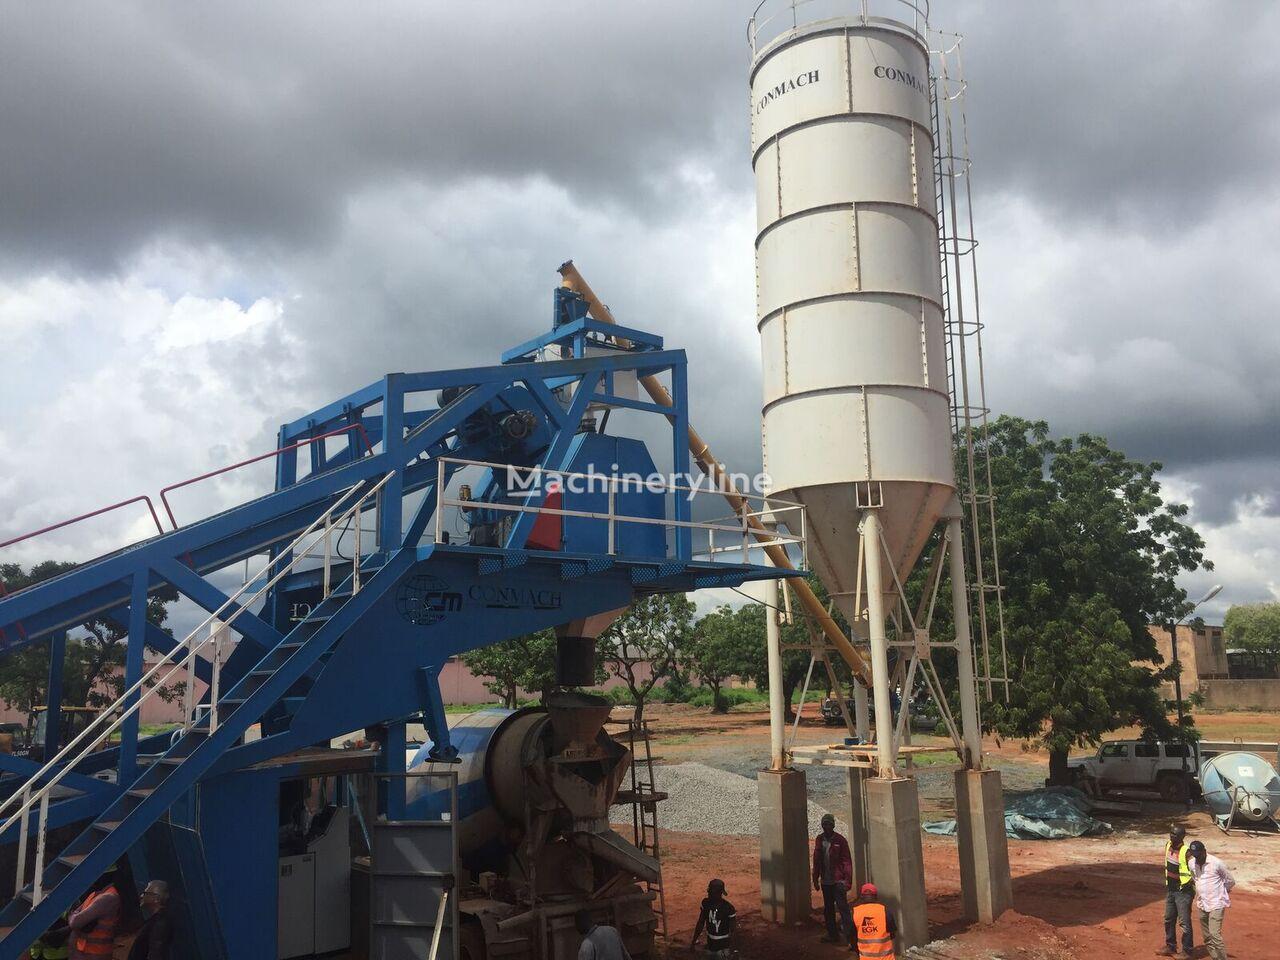 neue CONMACH MOBKING-60 Betonmischanlage